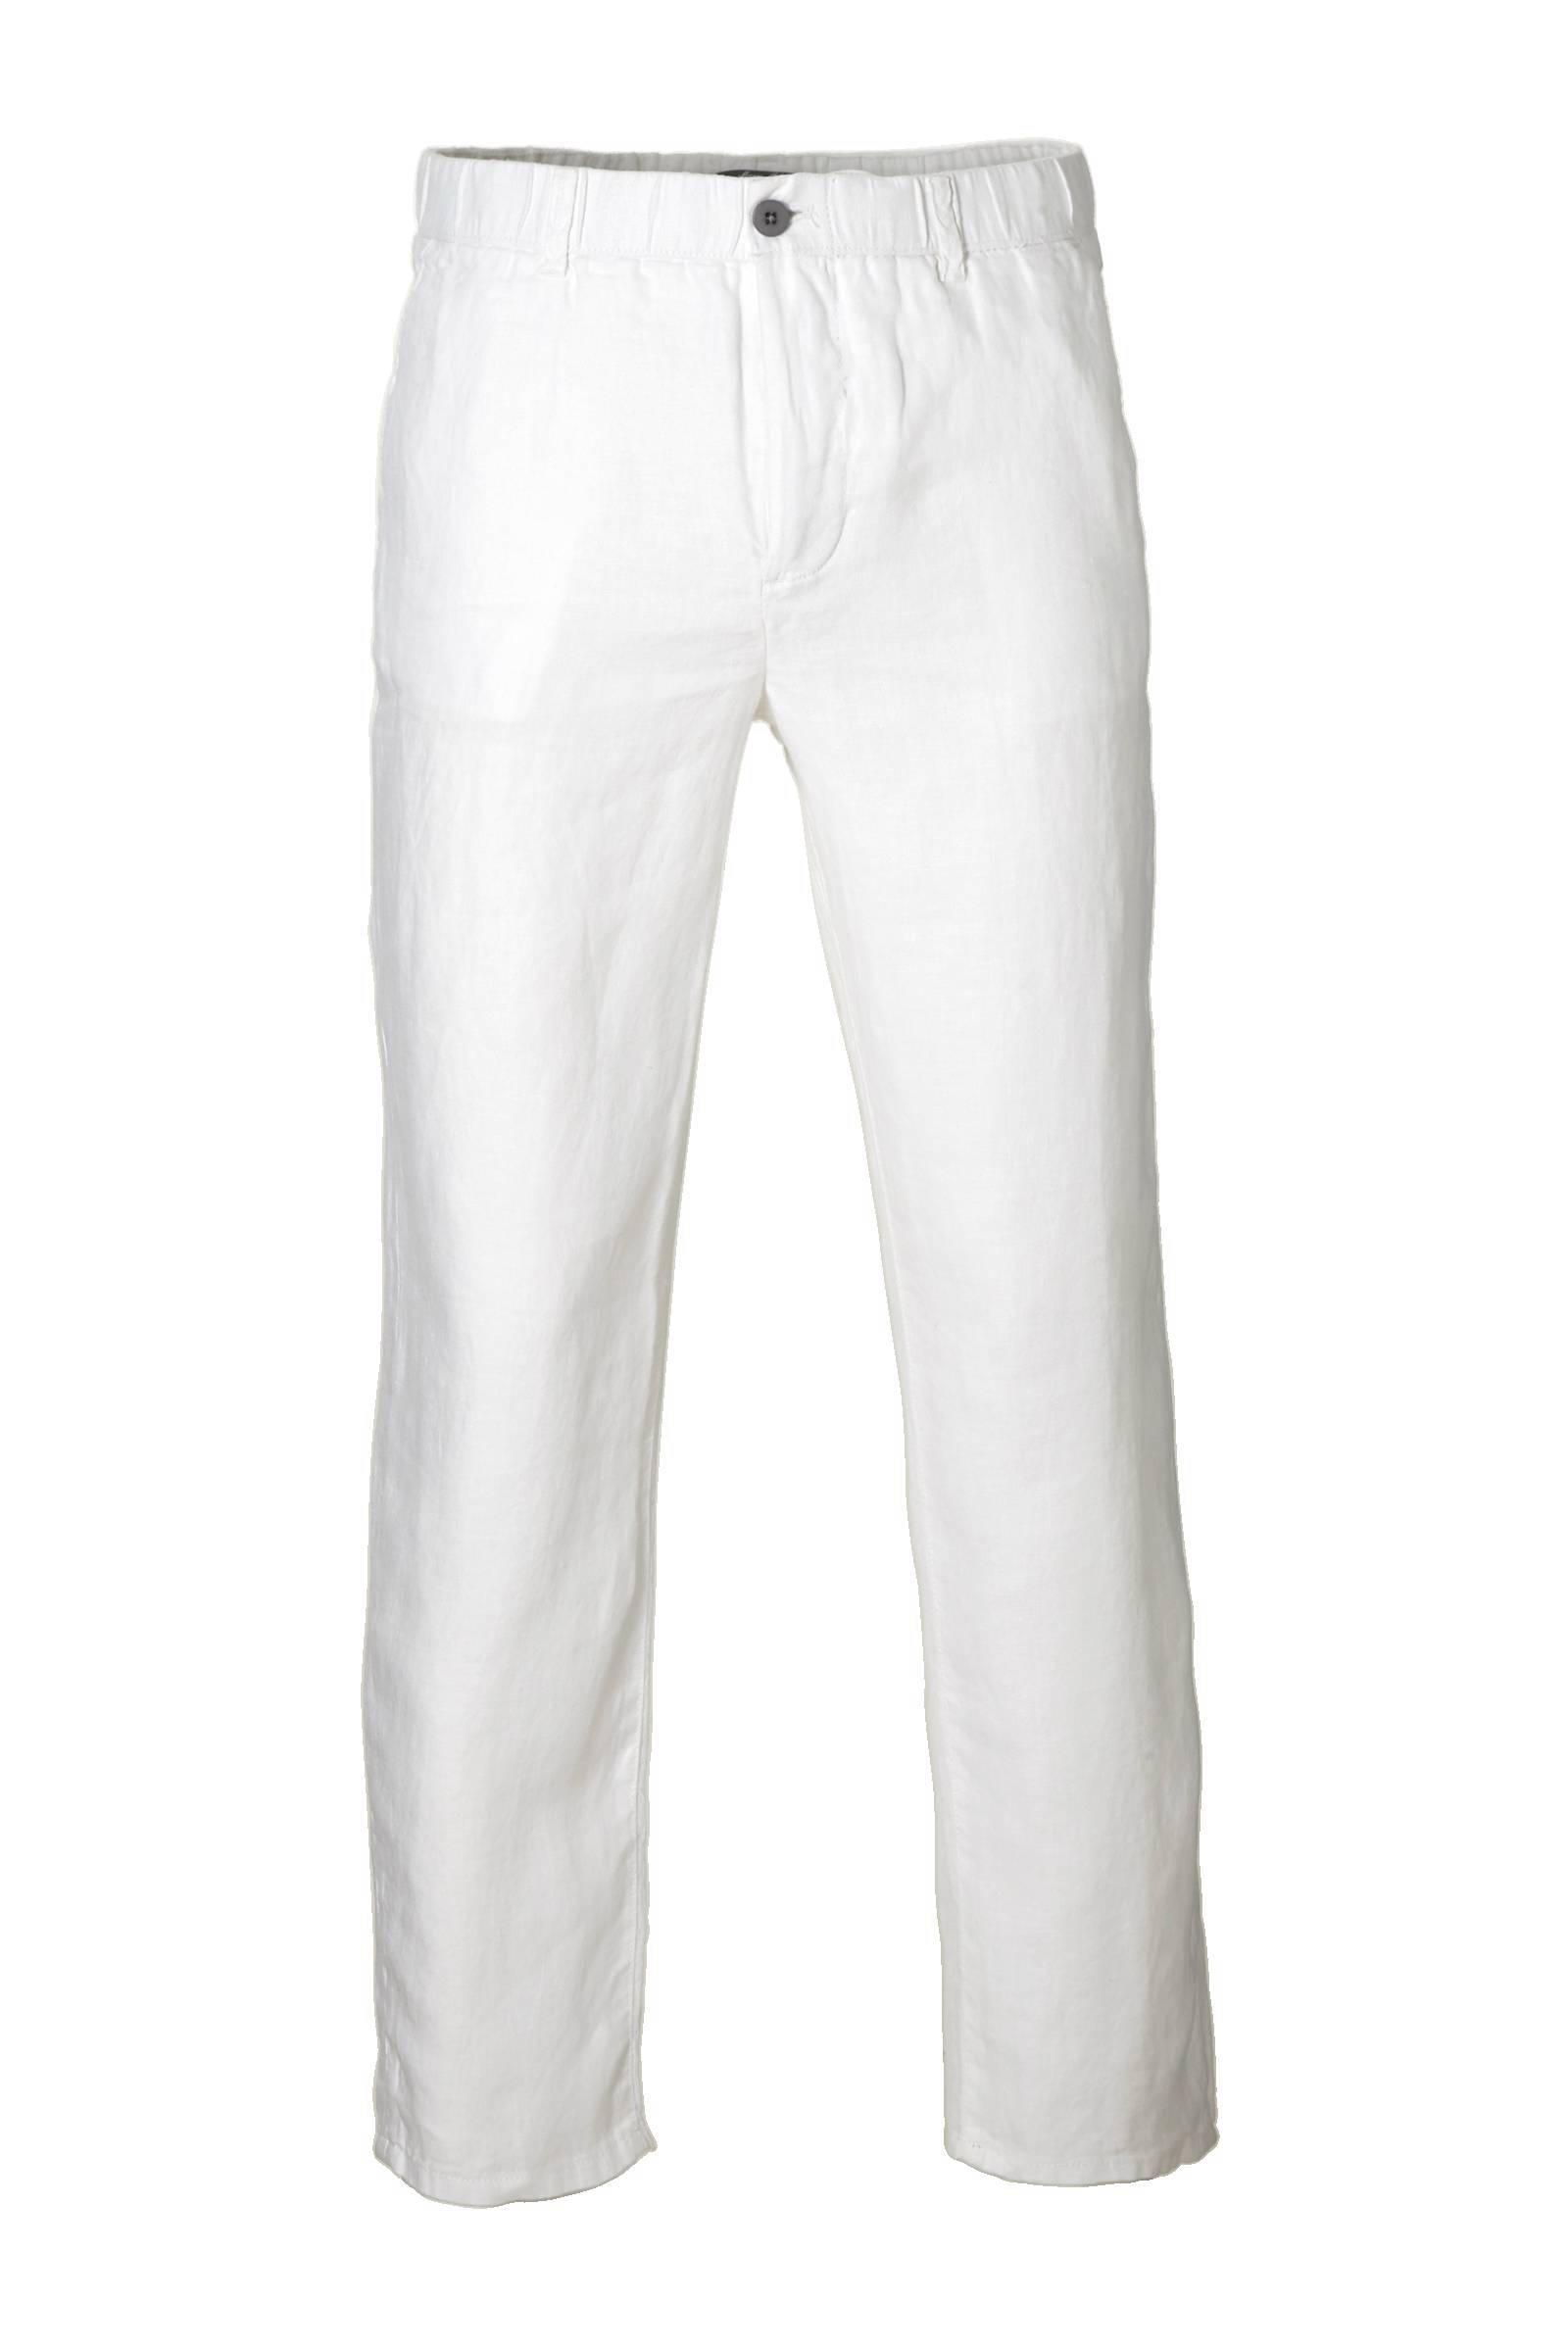 Favoriete Mango Man linnen broek wit | wehkamp &KT91